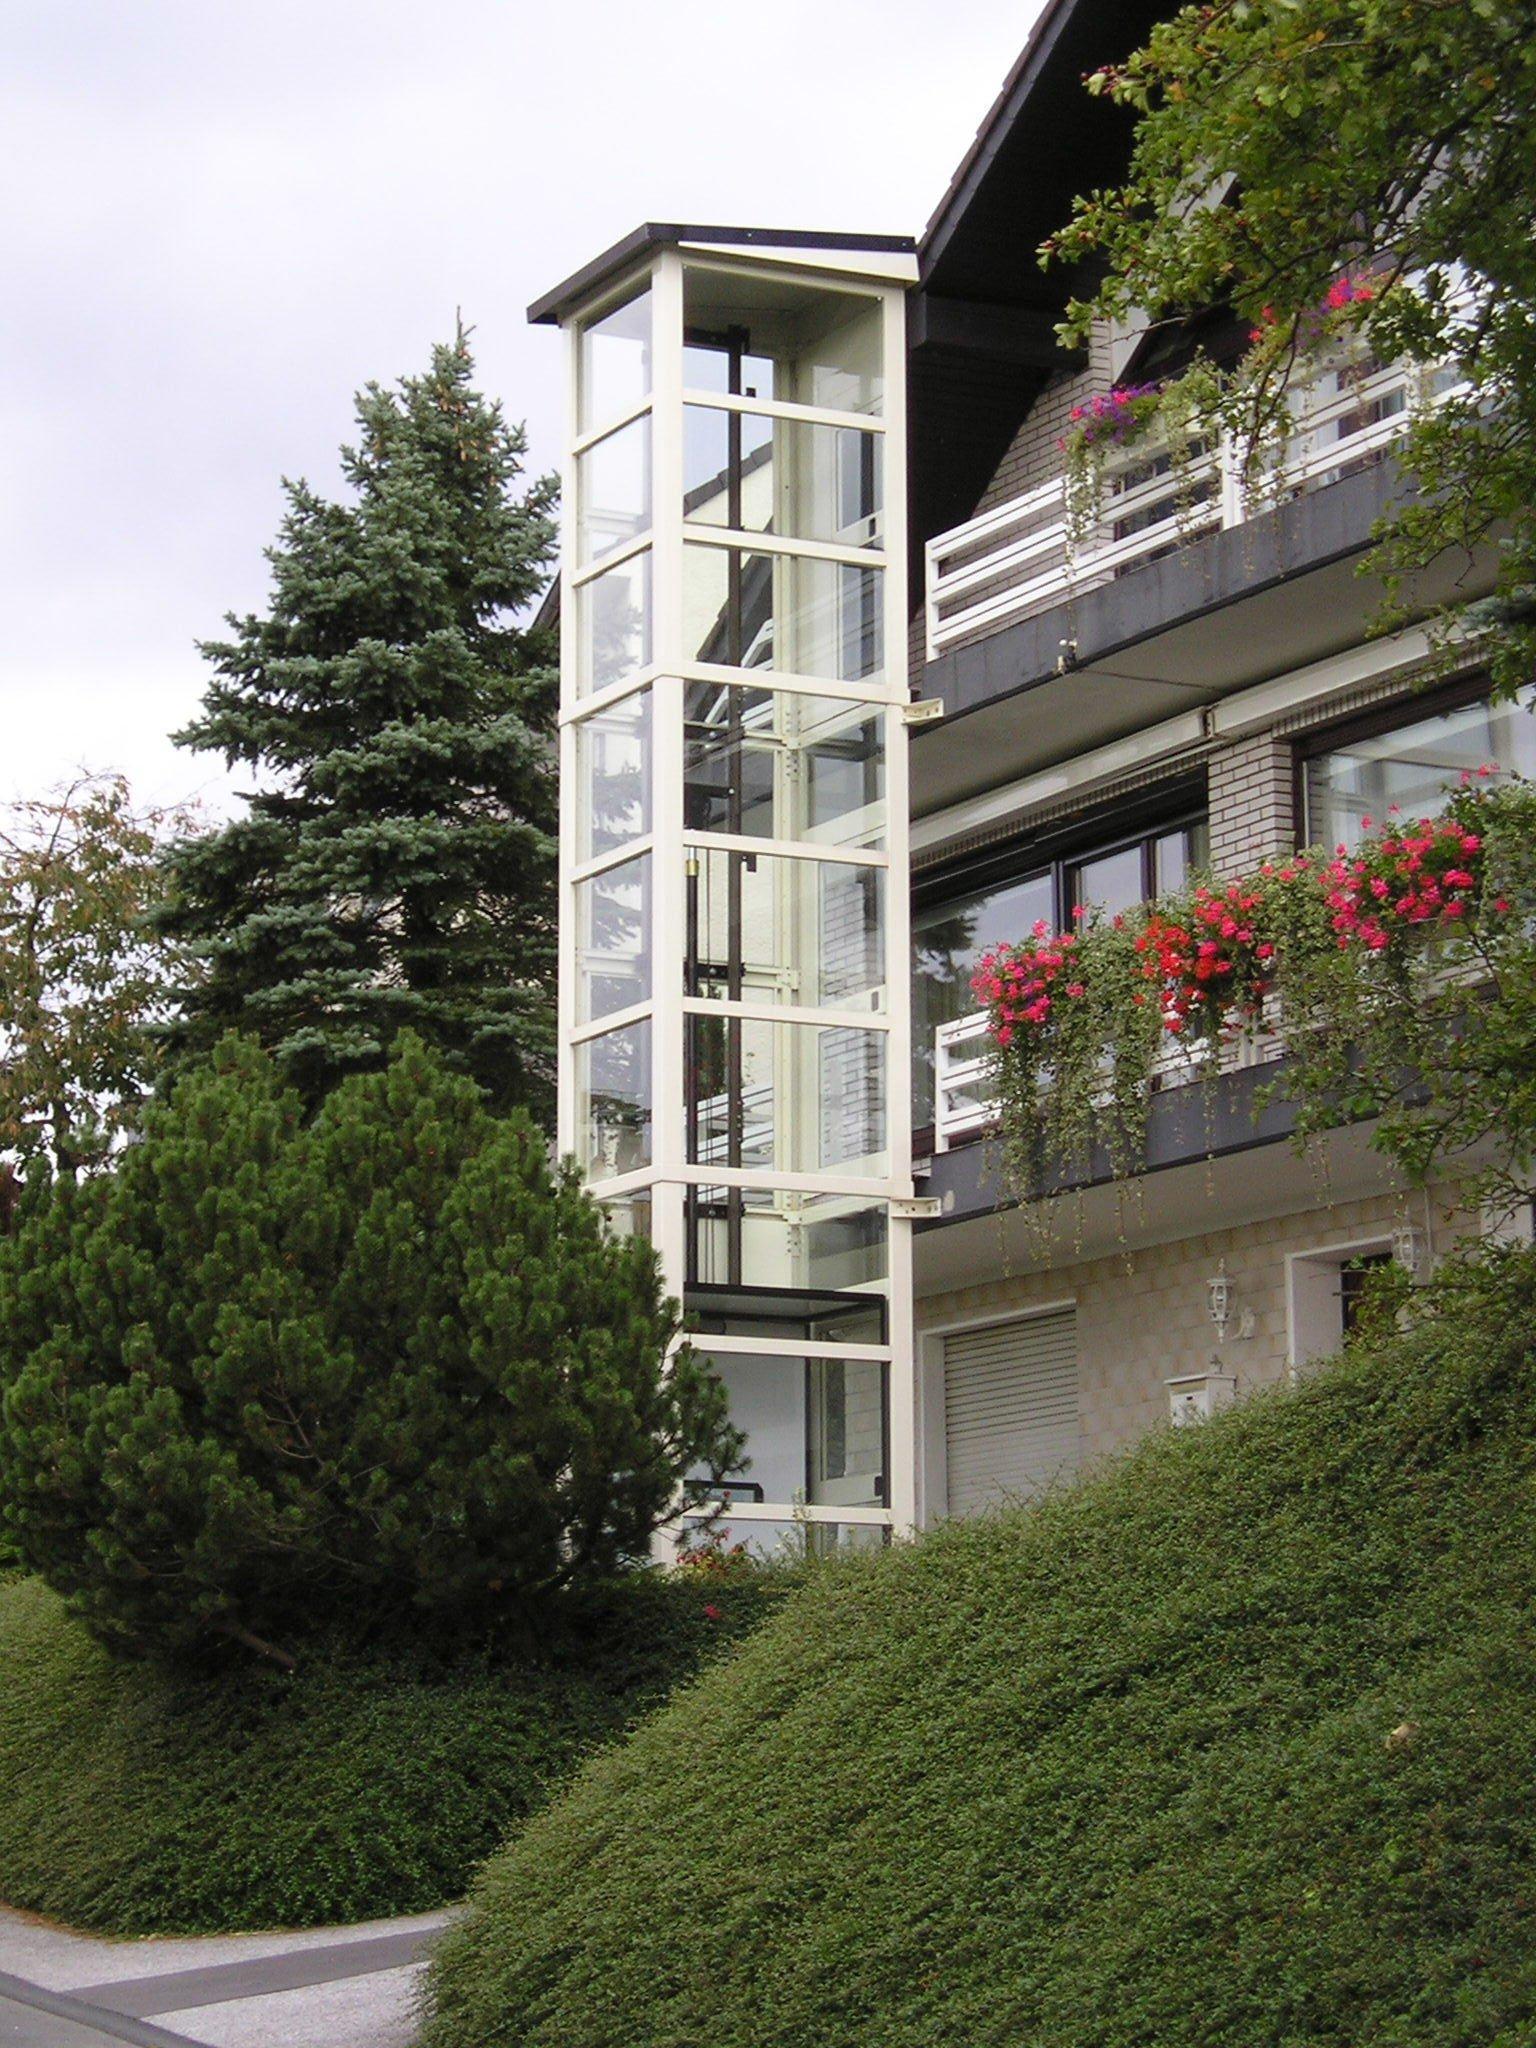 Glasaufzug weiß mit Zugang zu Balkonen bei mehrstöckigem Haus